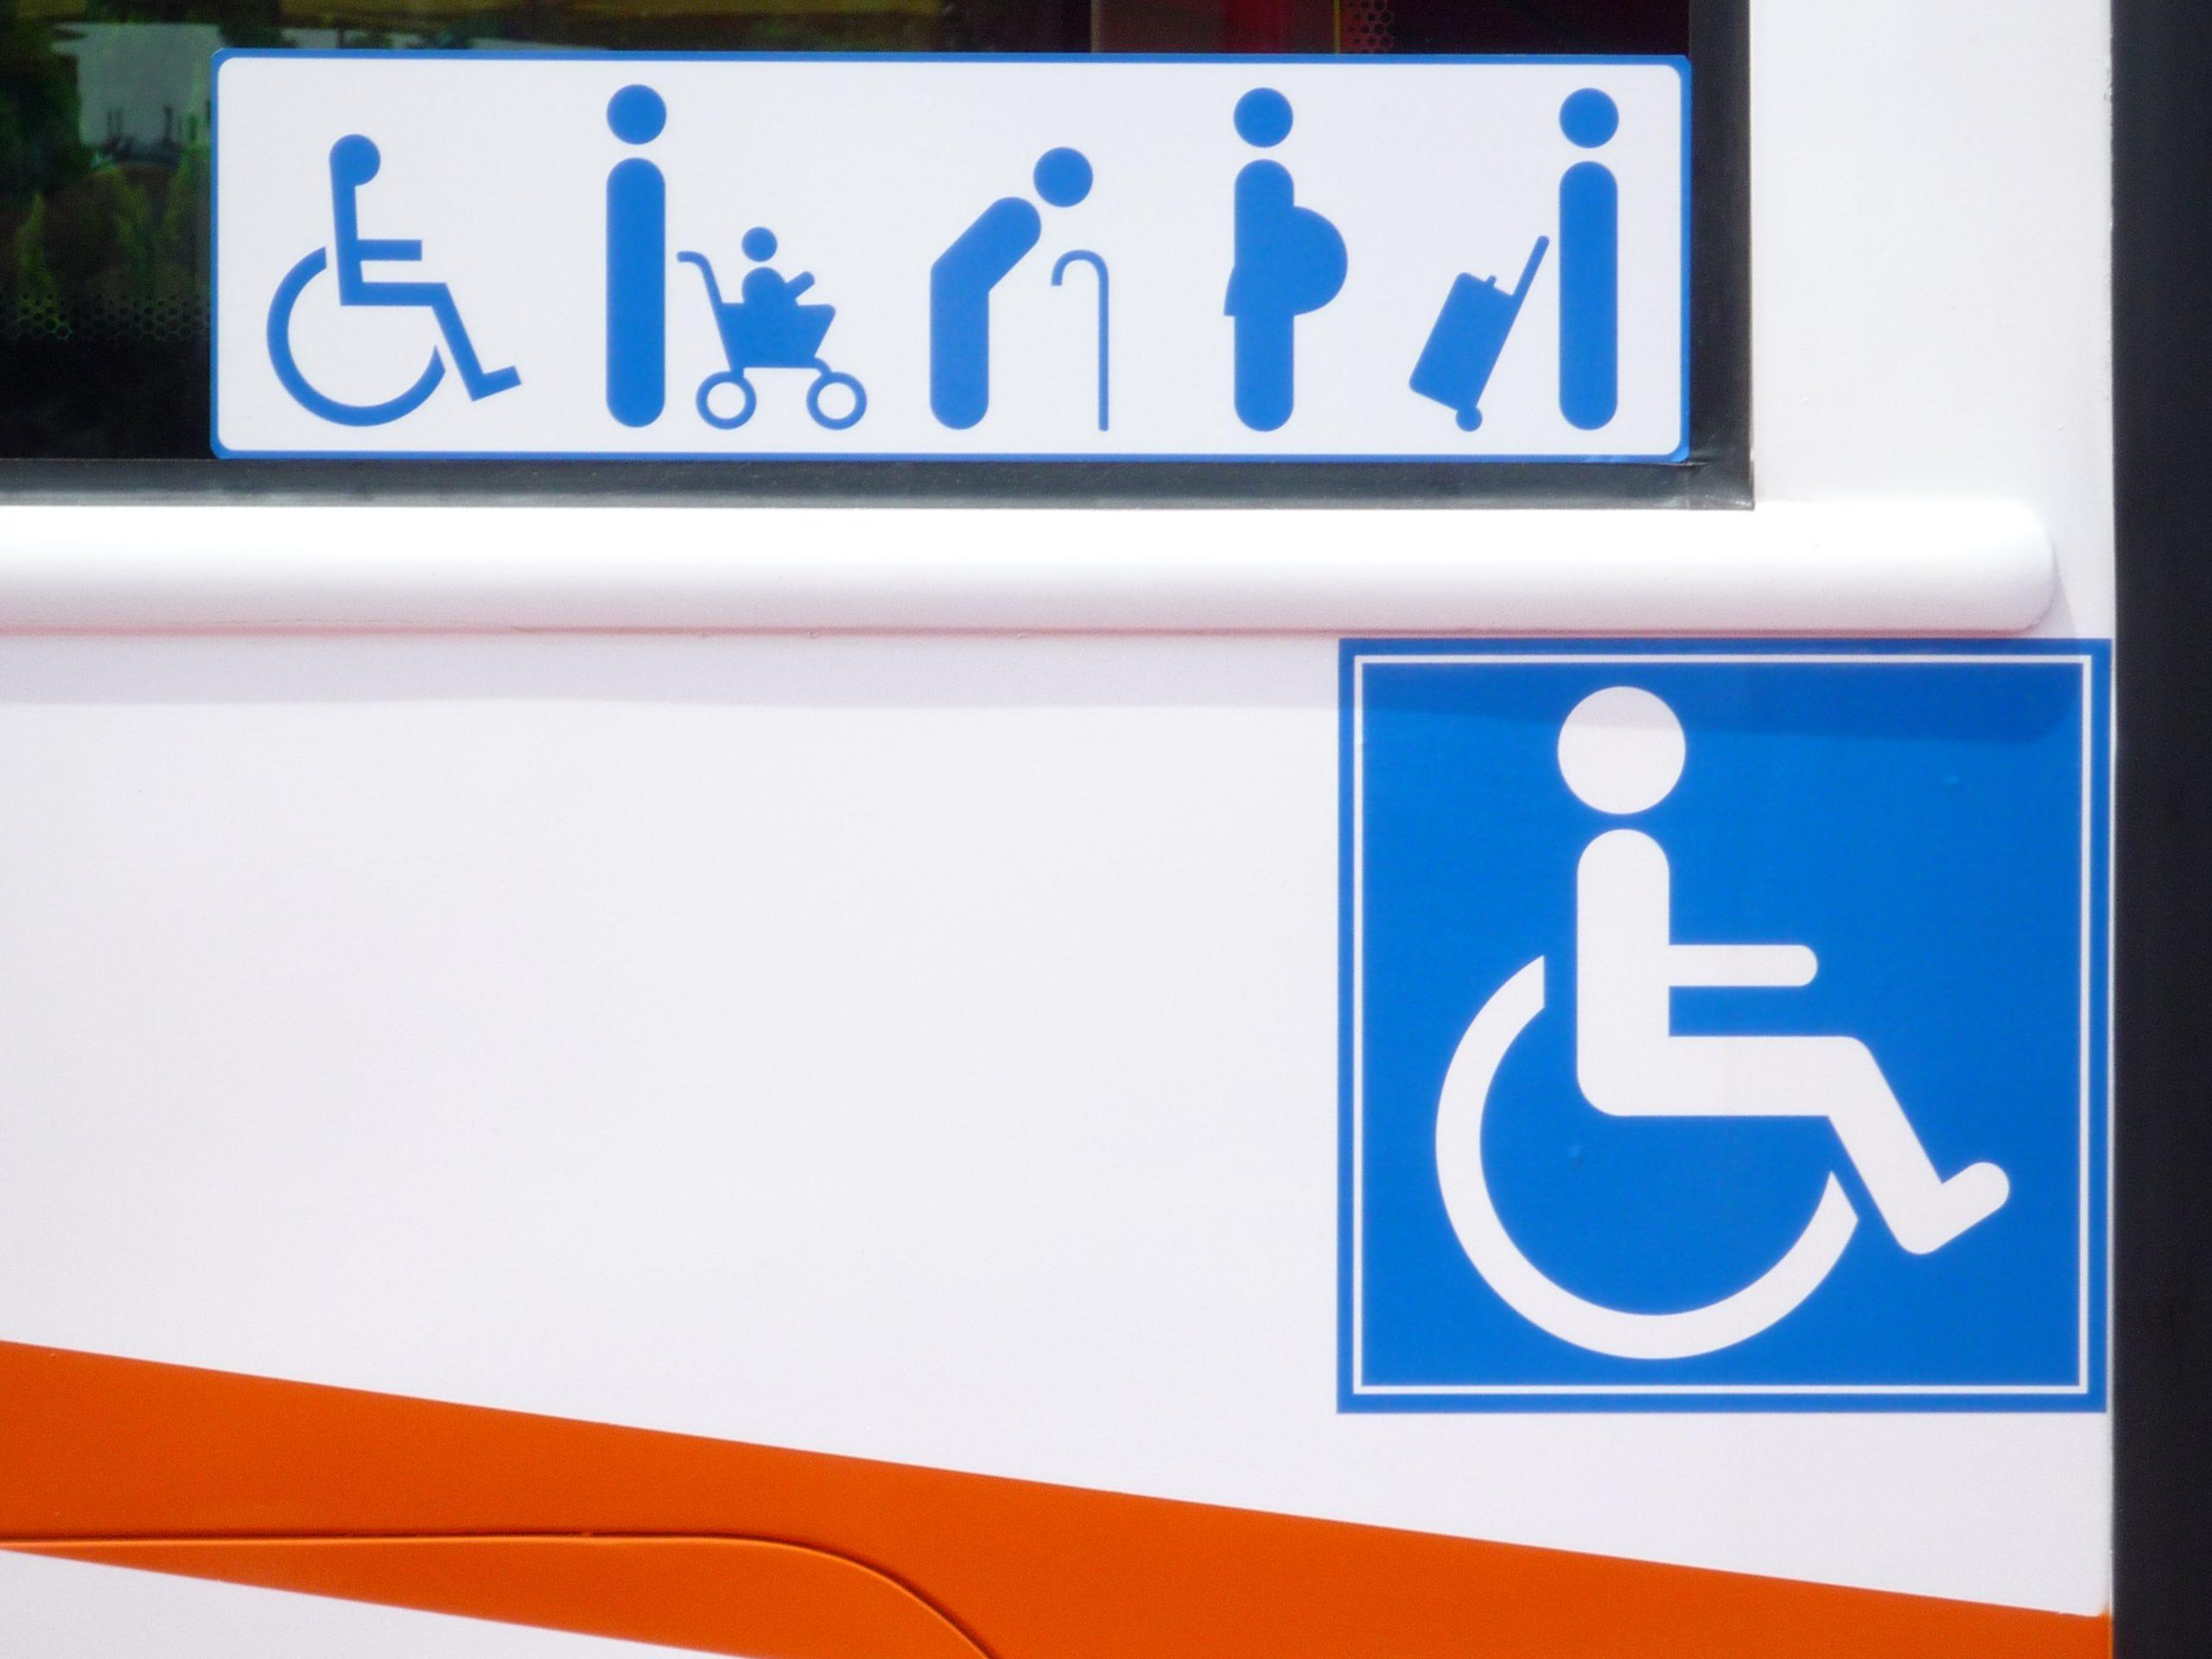 通用設計與無障礙設計、人因設計、社會設計三者的差異